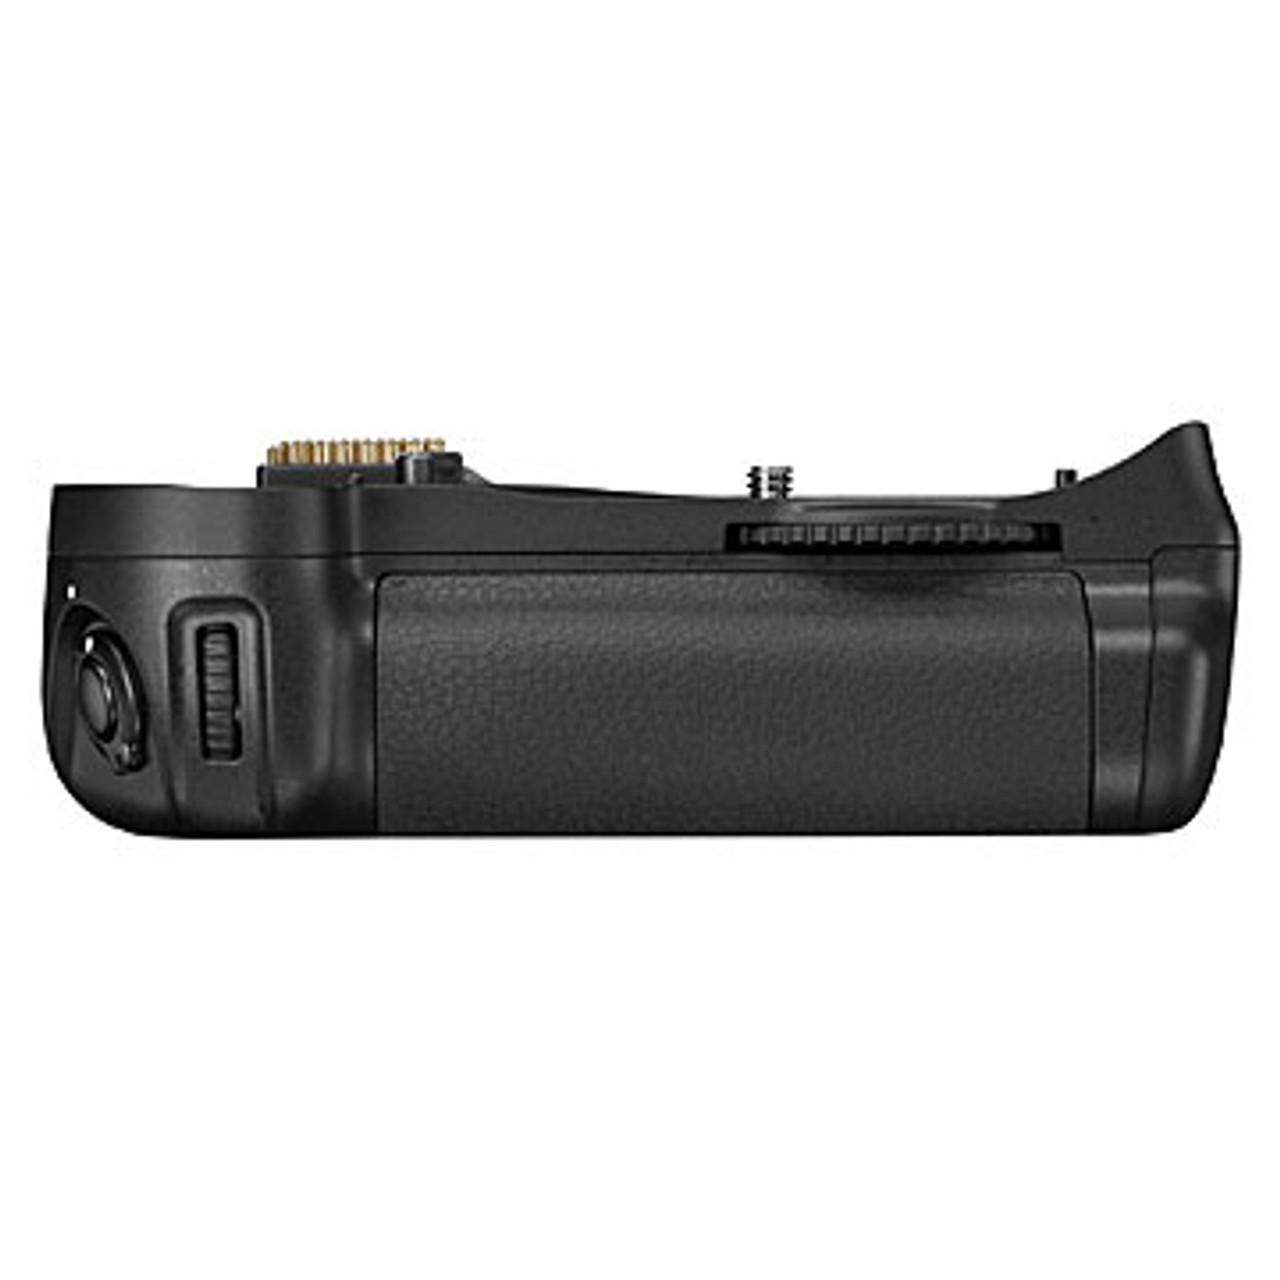 Nikon MB D10 battery grip for Nikon D300, D300s & D700